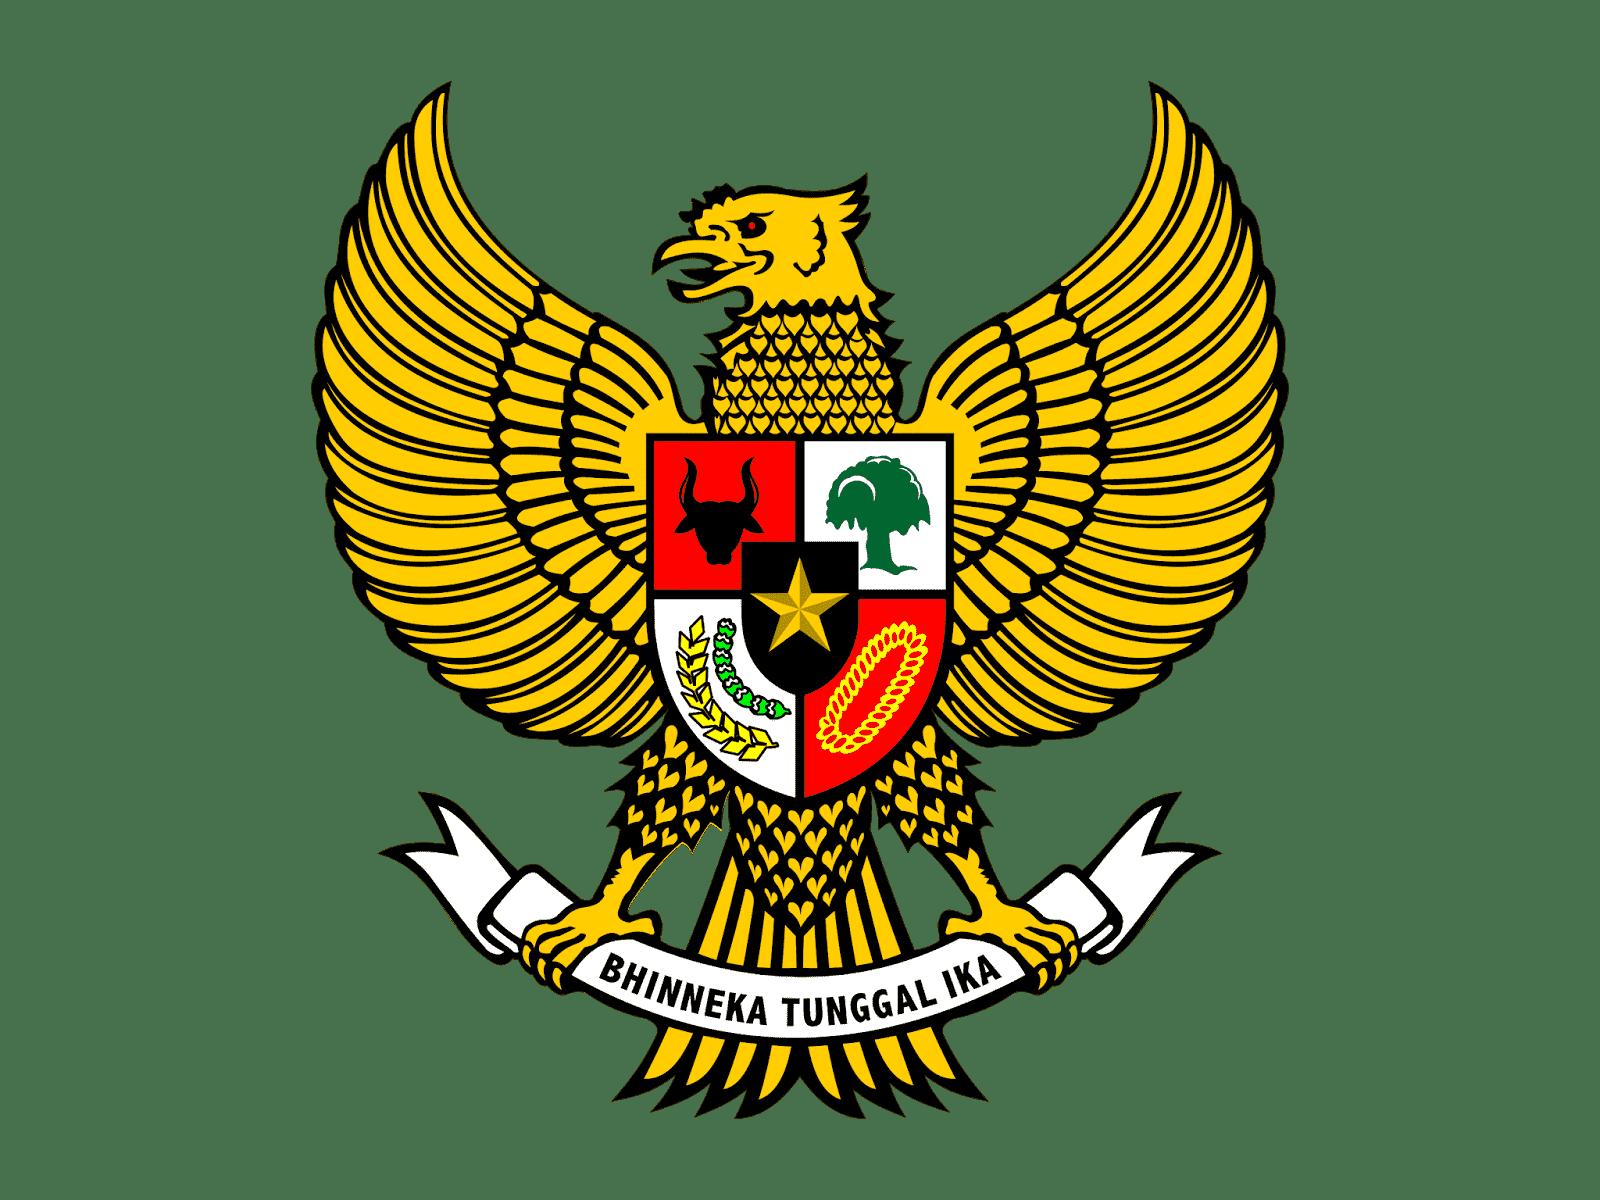 Pengertian Pancasila Sebagai Dasar Negara | PPKN